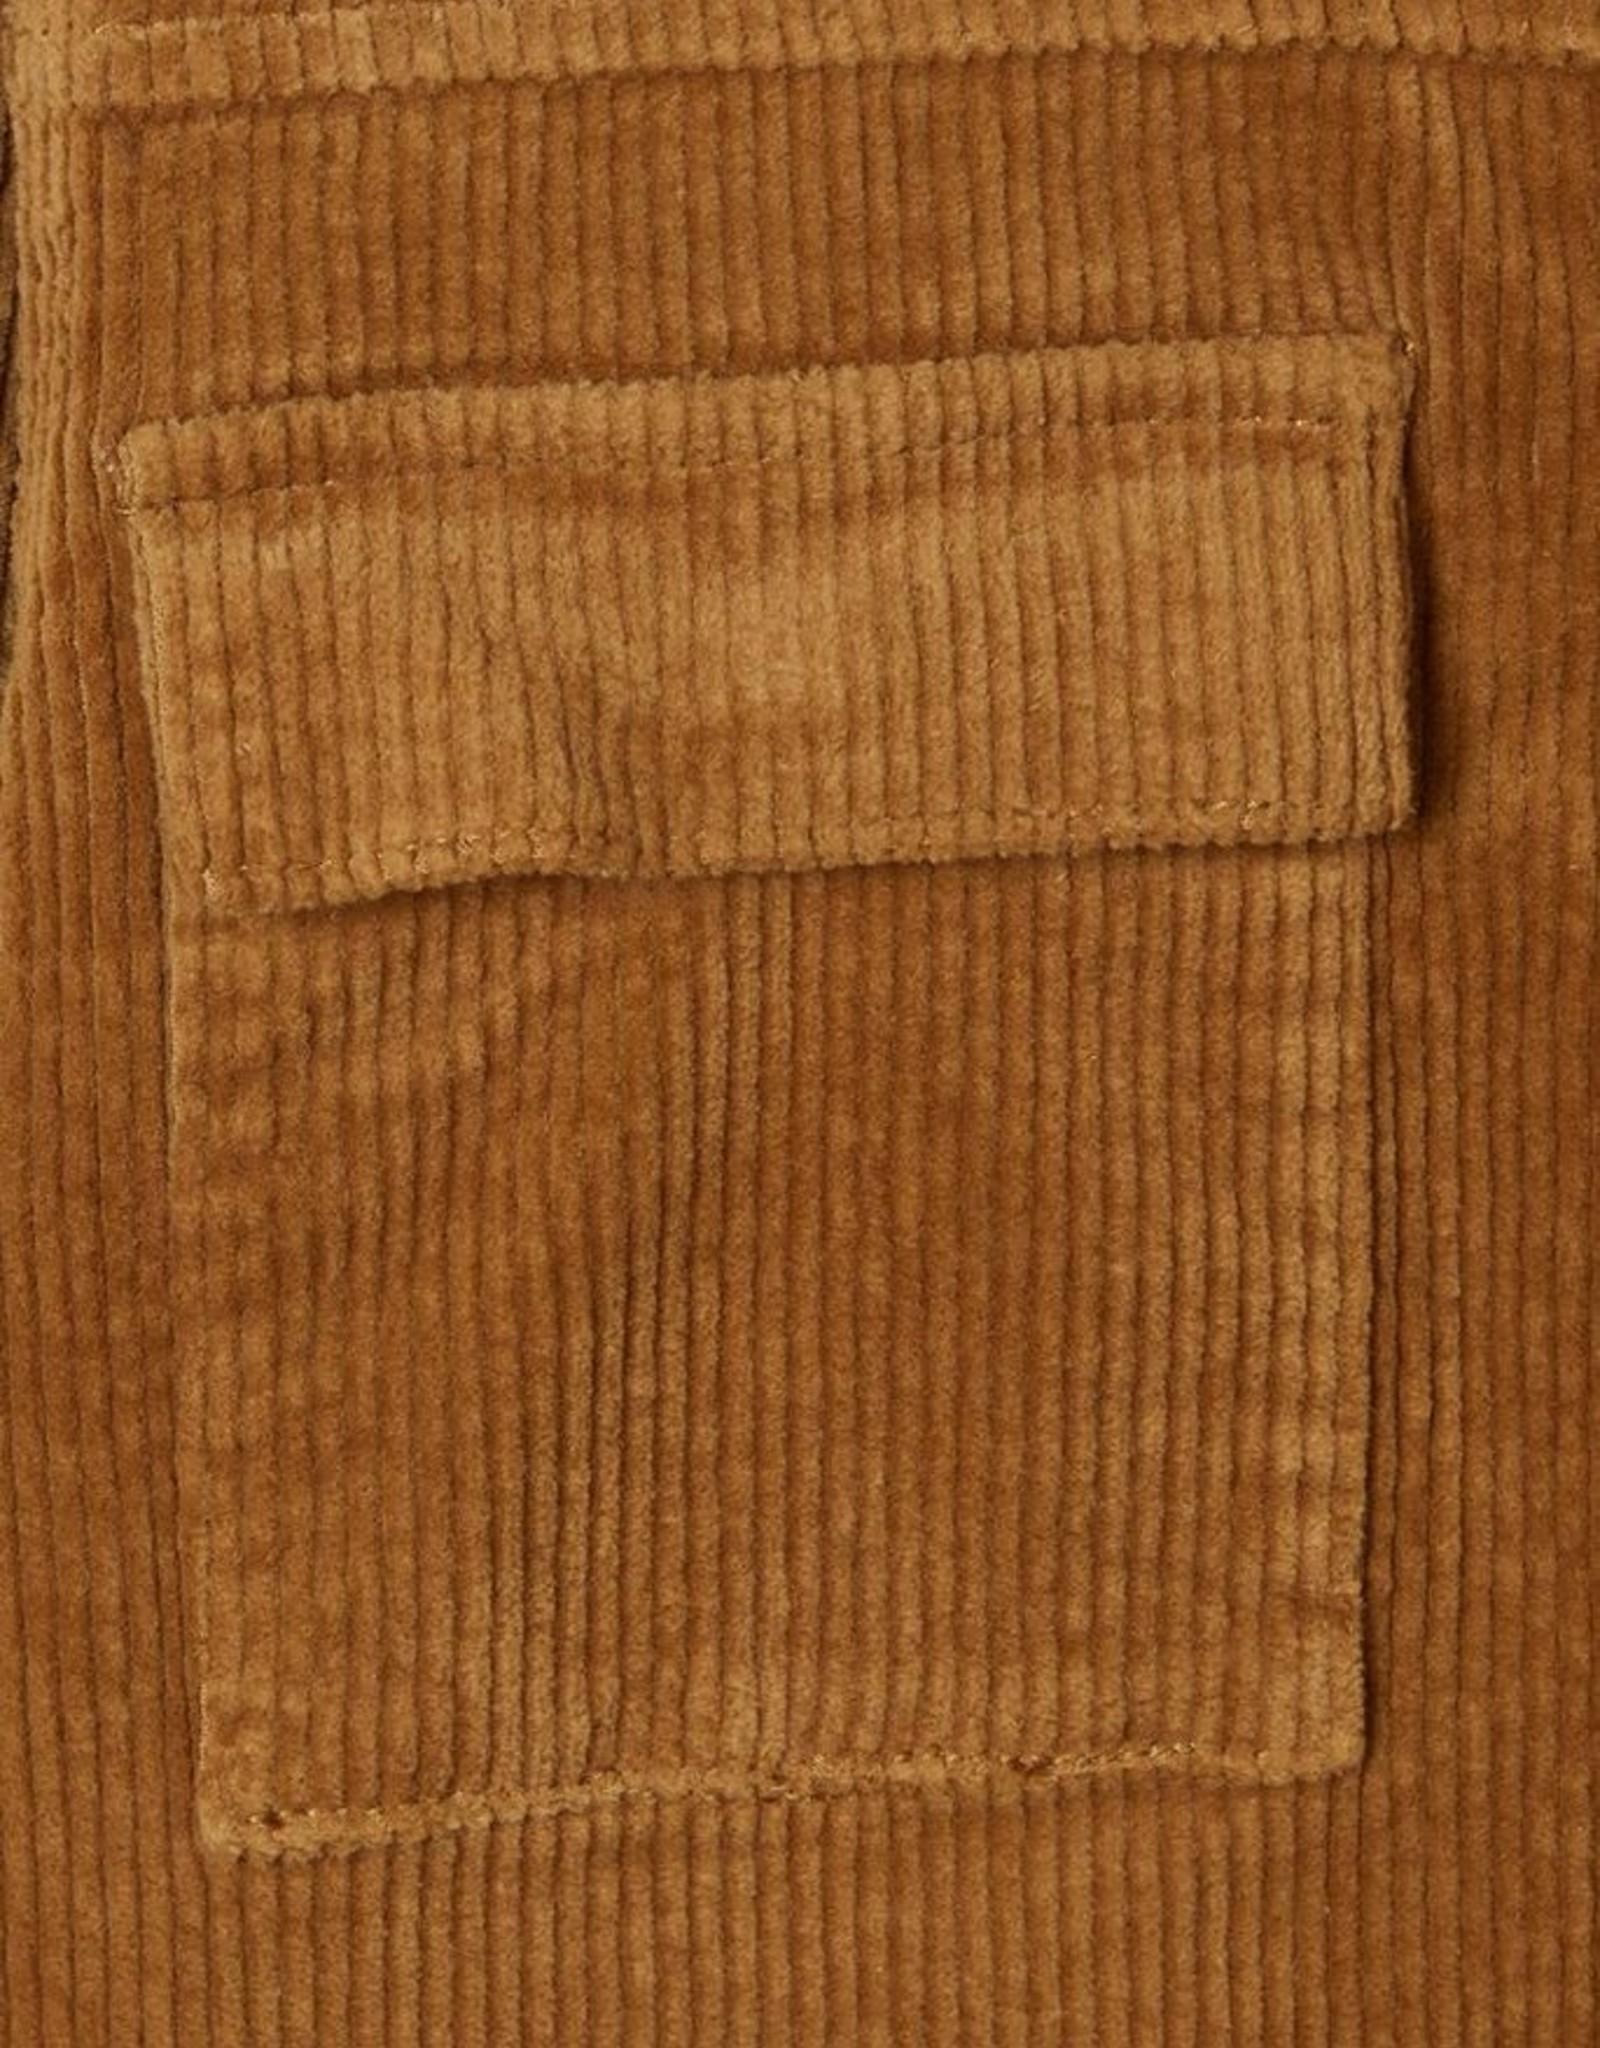 Cetorganic Corduroy Jacket brown